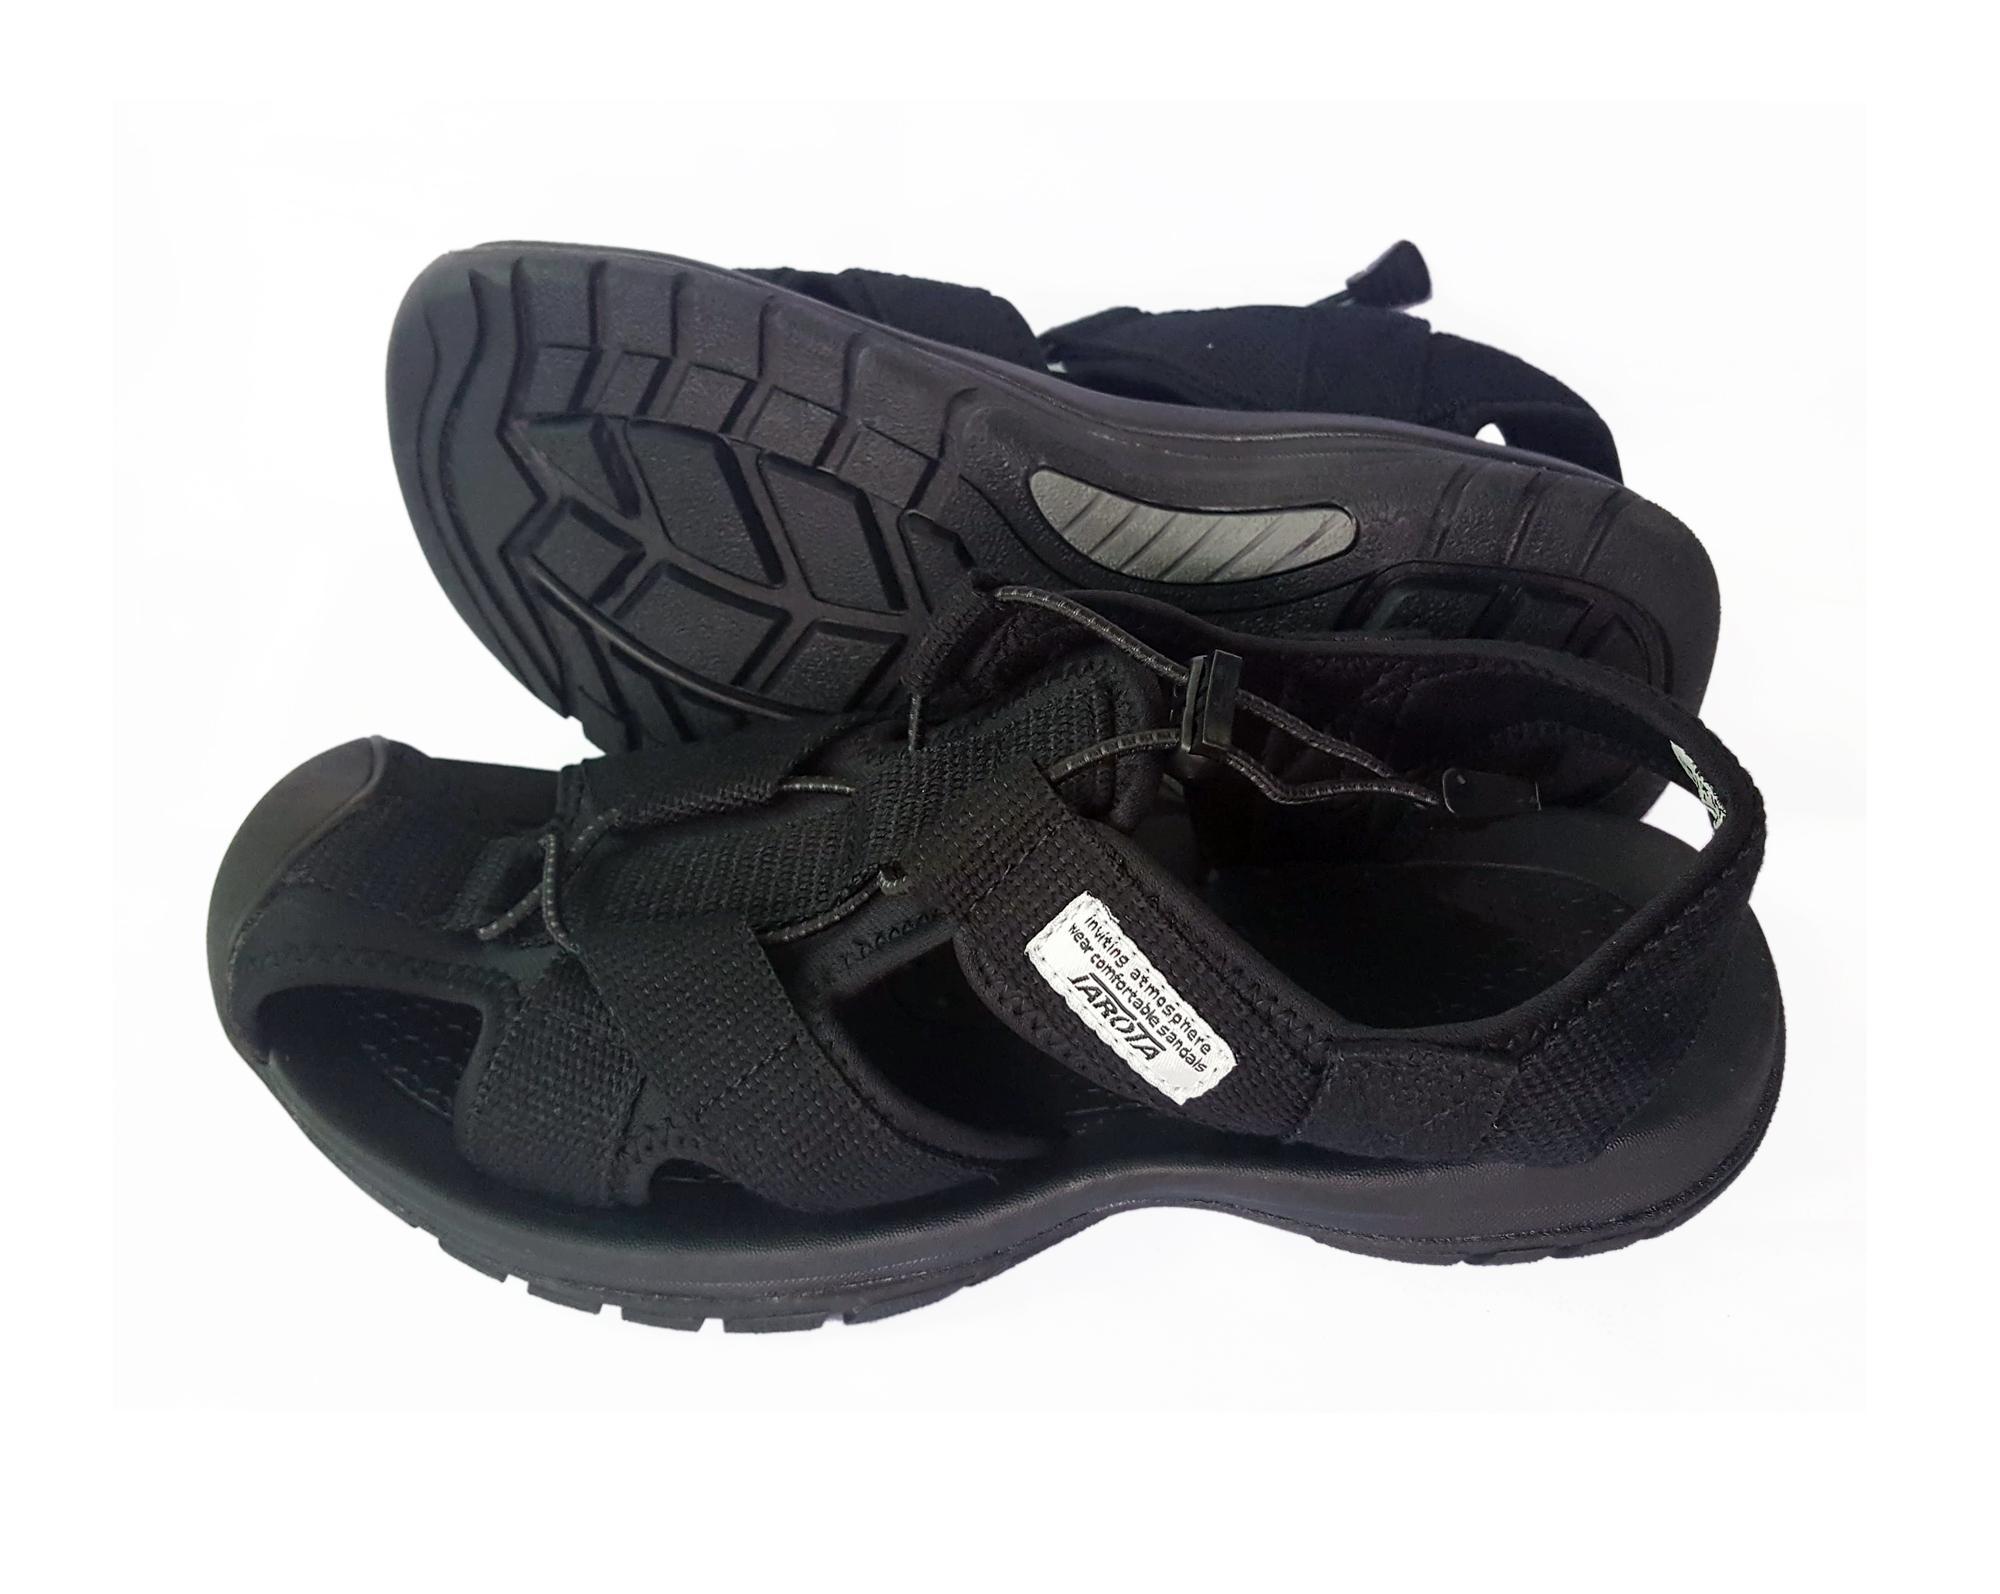 Mã Khuyến Mãi Khi Mua Giày Sandal Nam Dây Chéo - Rọ - Xuất Khẩu